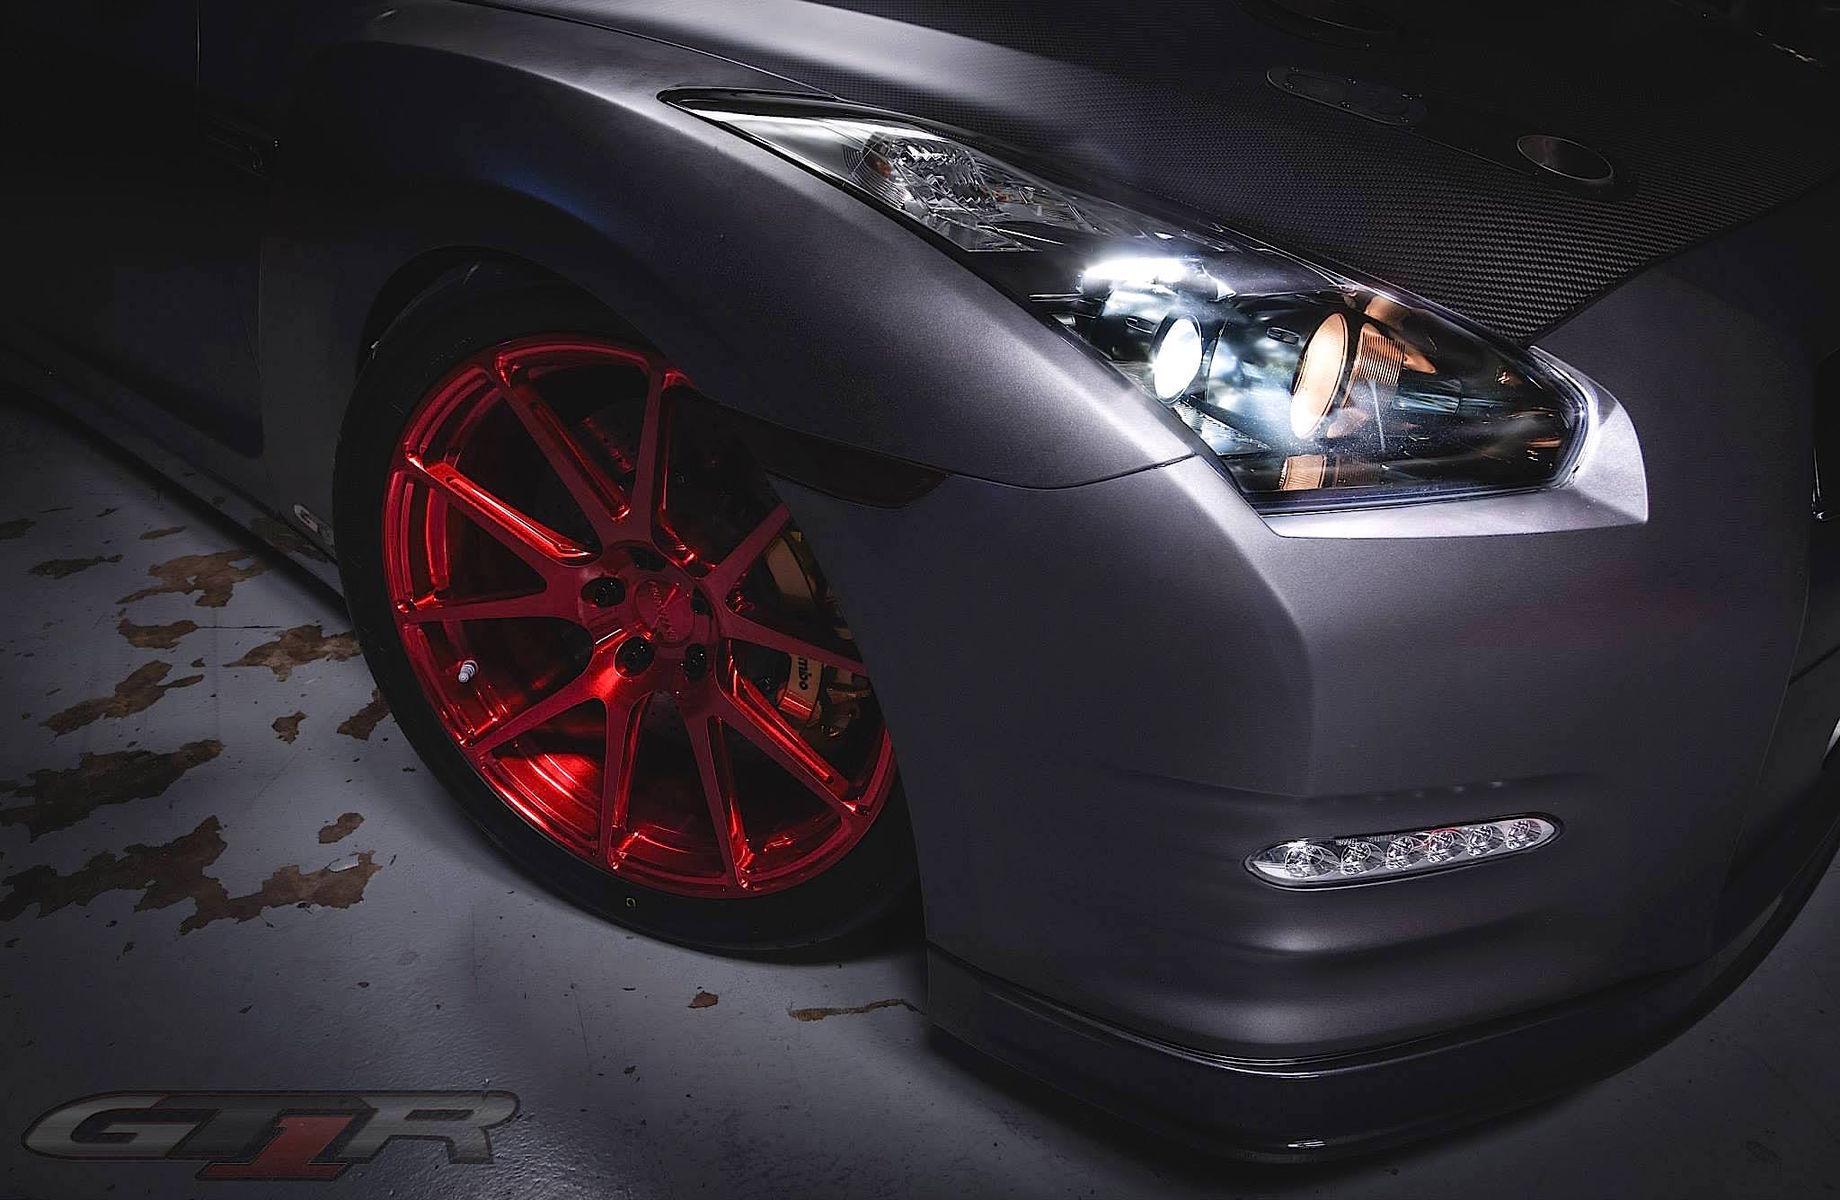 2009 Nissan GT-R | T1 Race Development GTR on Forgeline GA1R Wheels